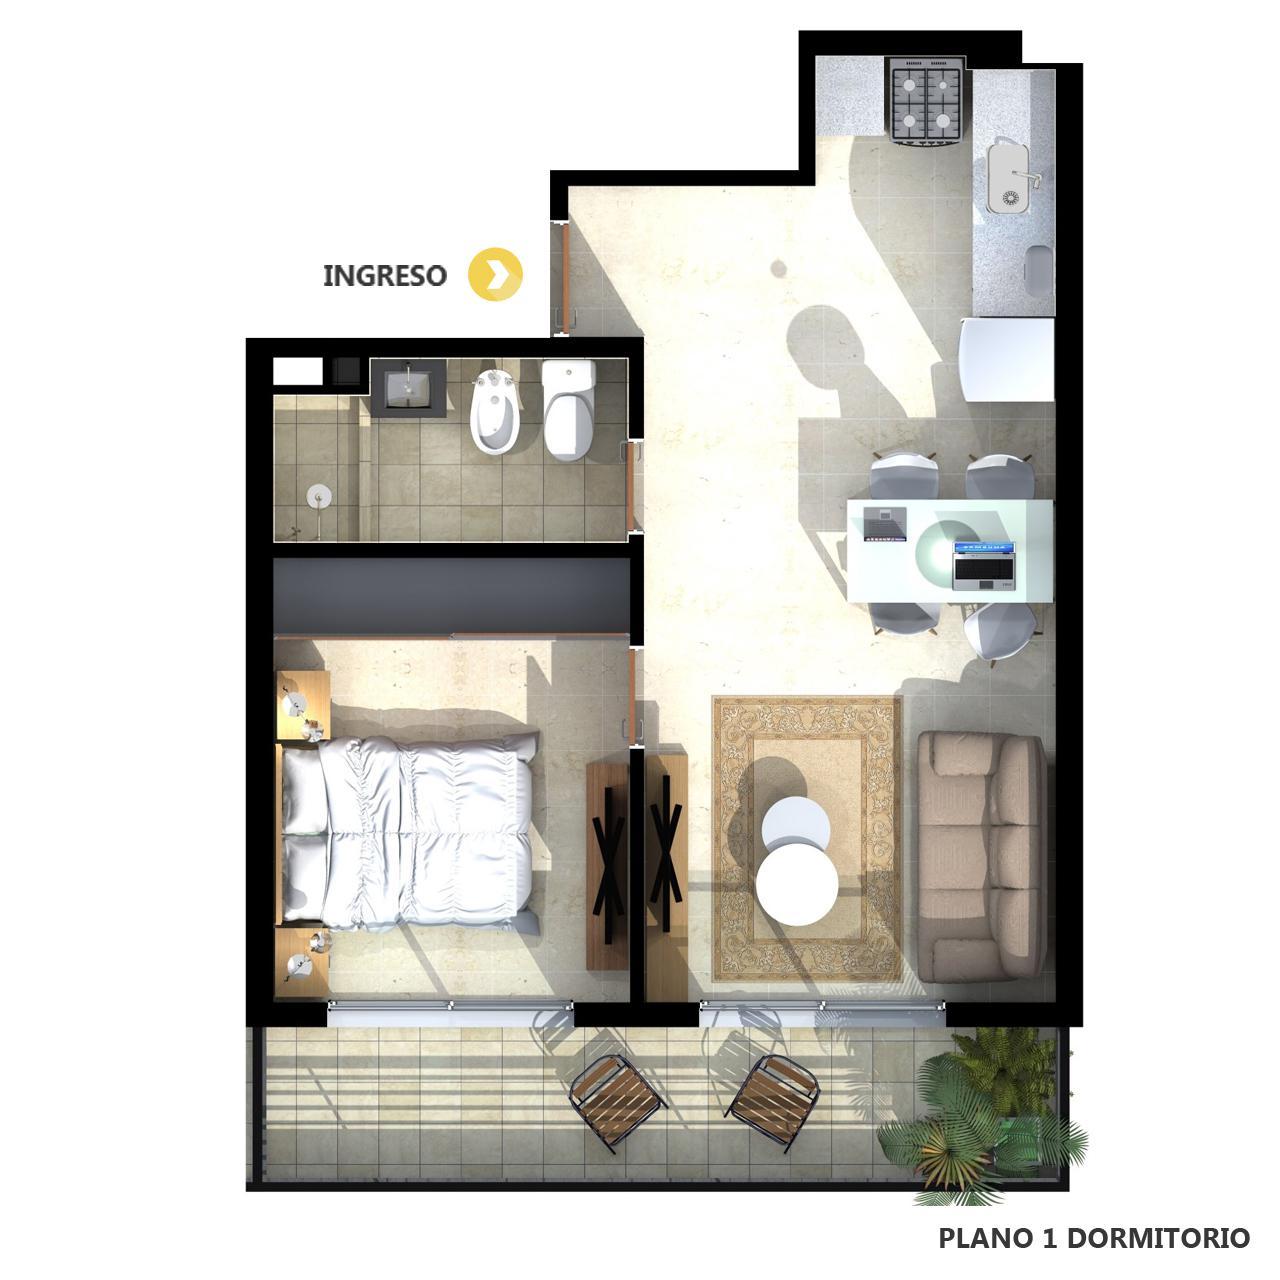 Venta departamento 1 dormitorio Rosario, Parque España. Cod CBU12472 AP2199488. Crestale Propiedades